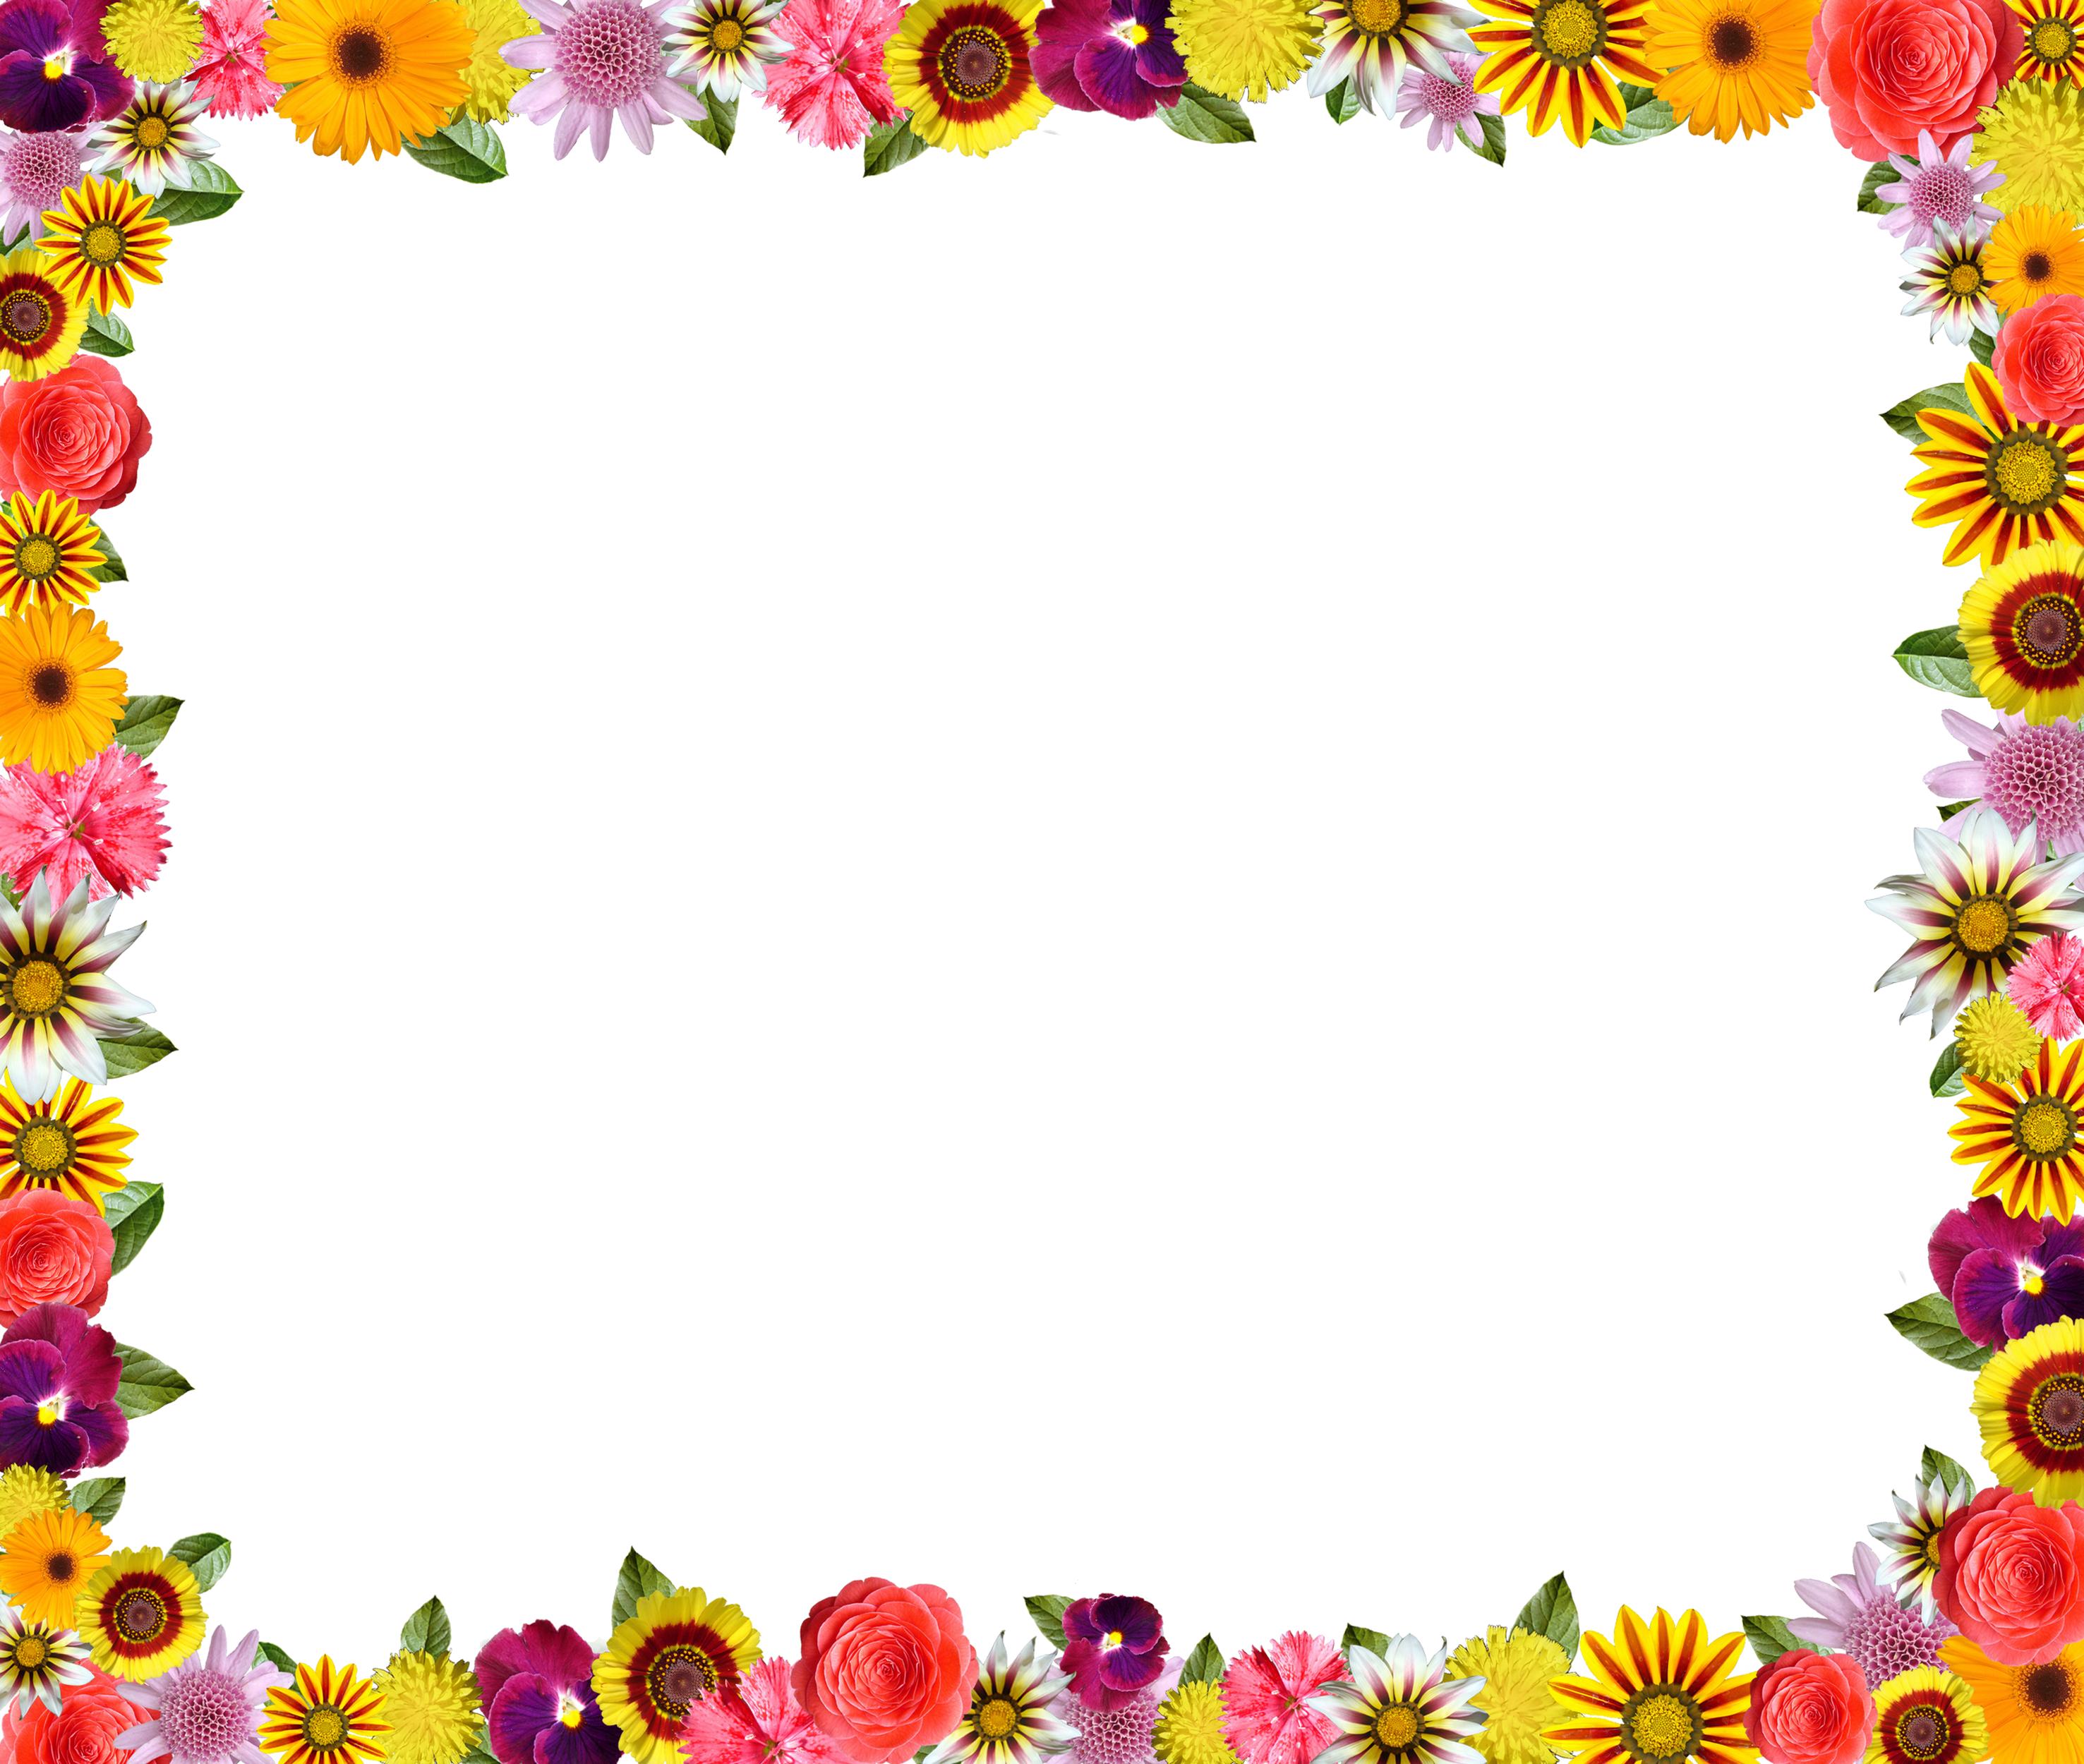 壁紙・背景イラスト/花のフレーム・外枠 no.174『カラフルフラワー